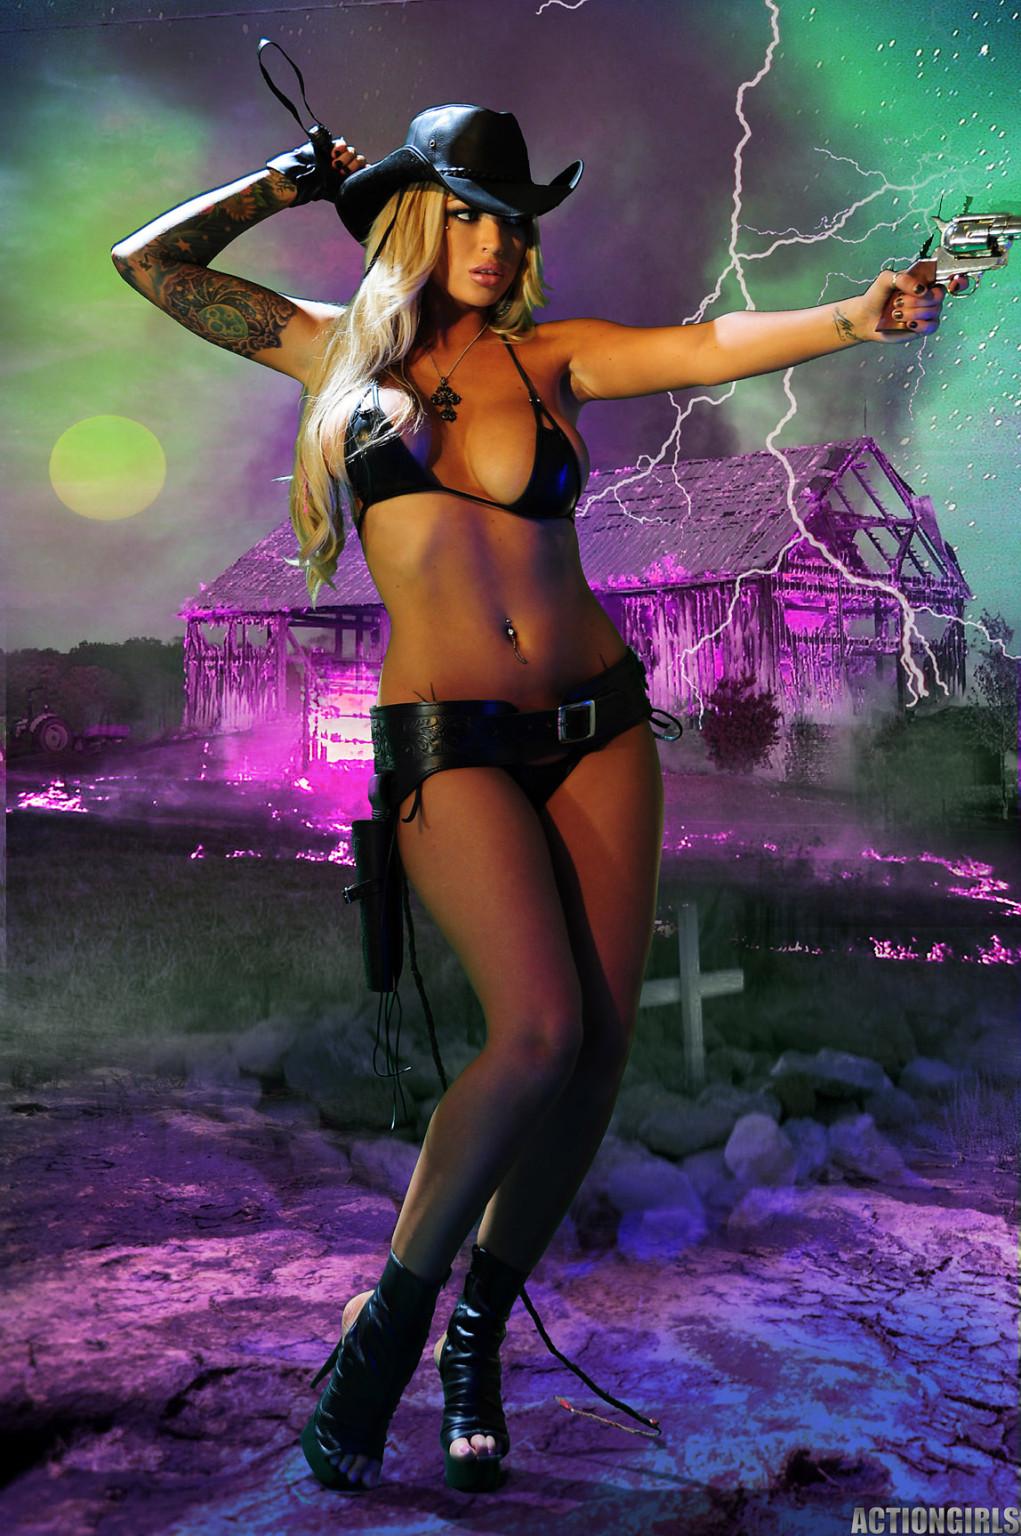 Меган Дэниэлс позирует с пистолетом и ружьем